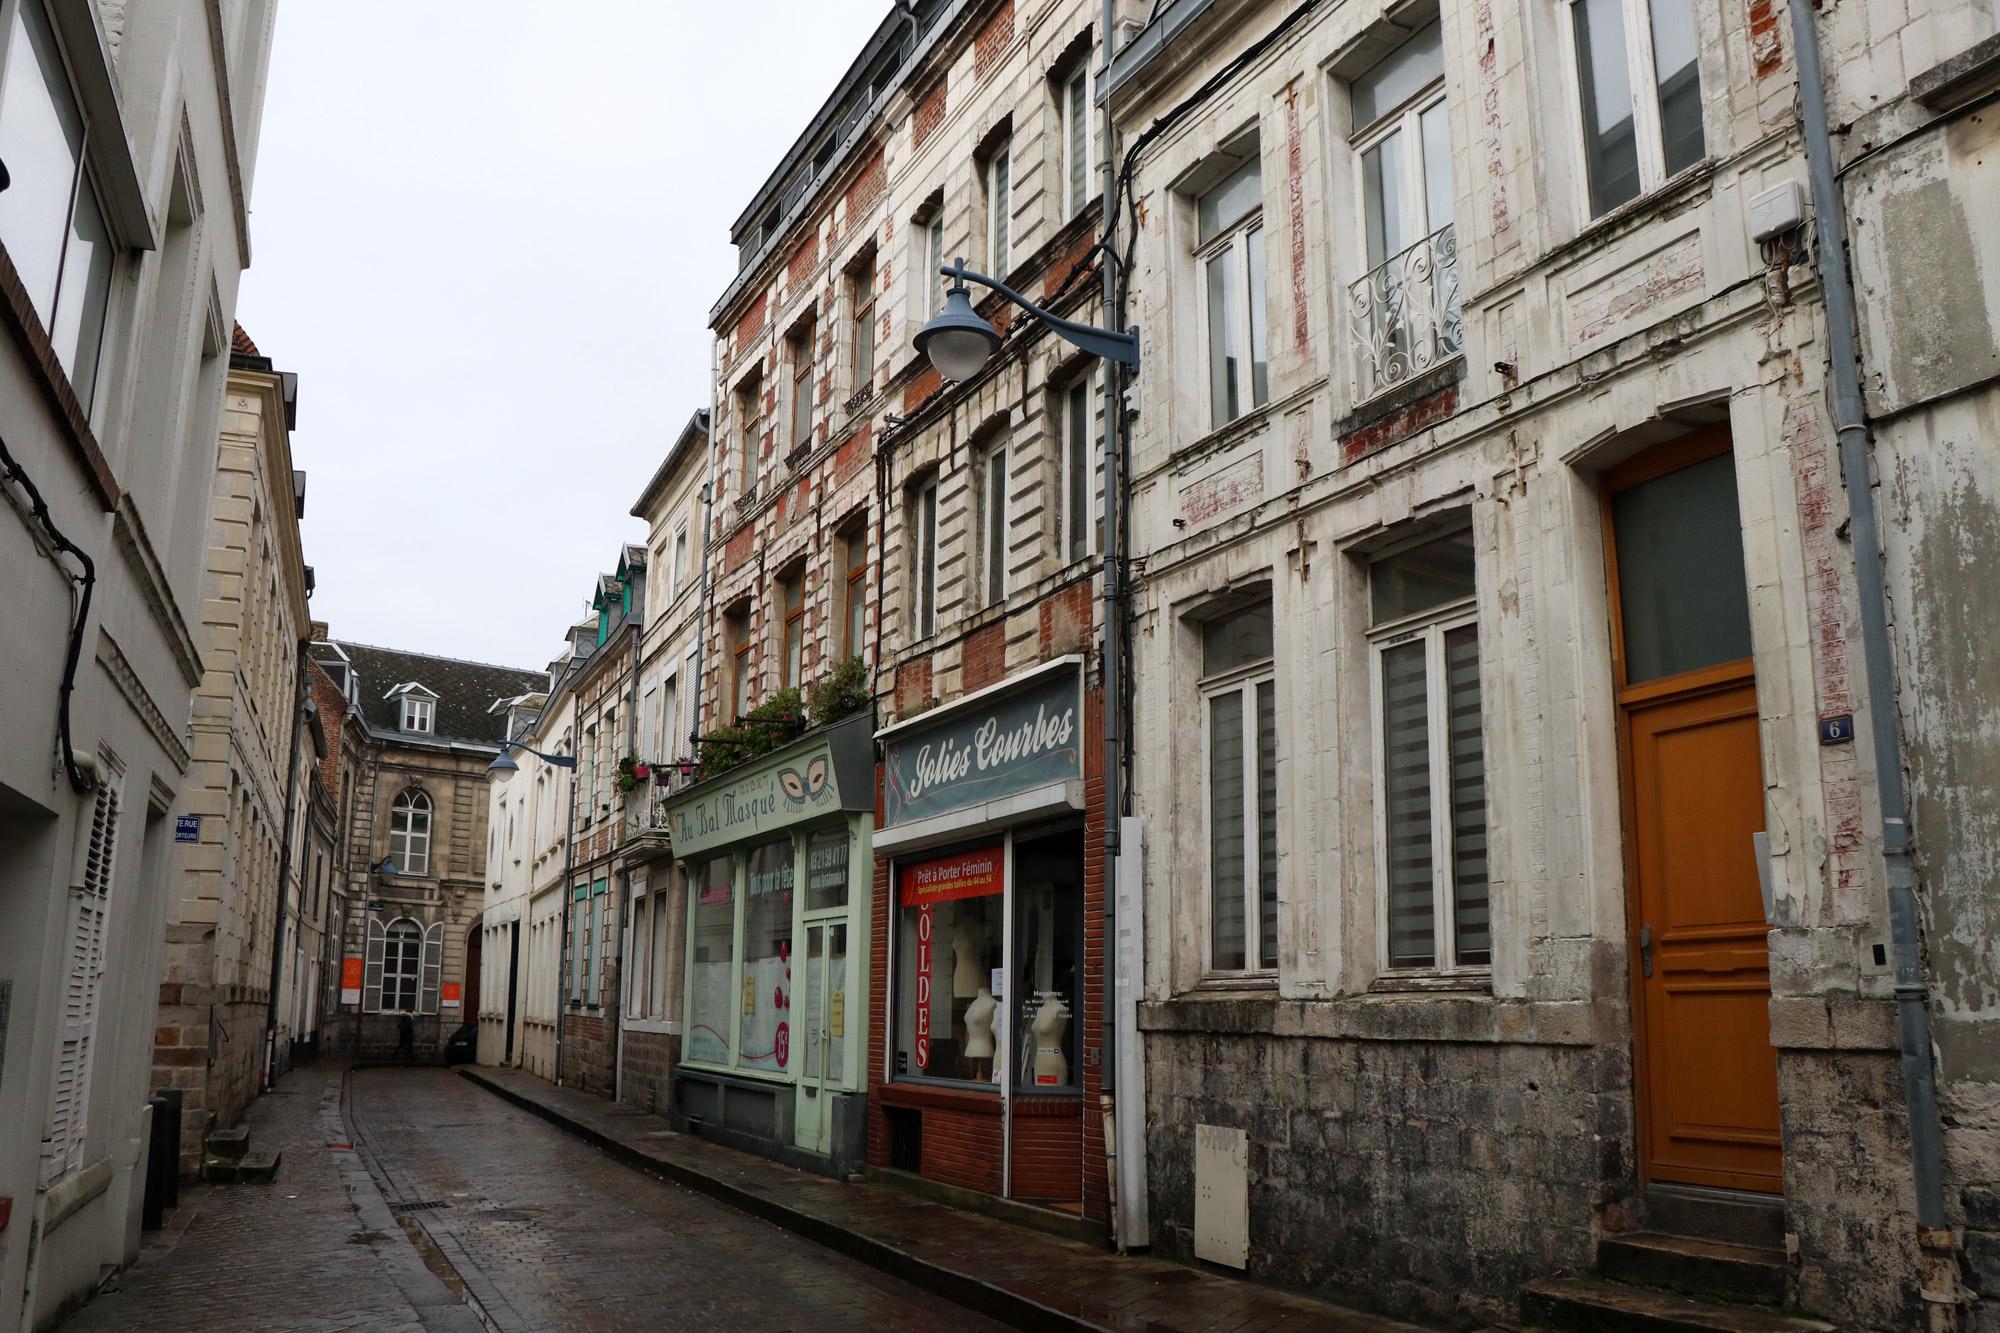 Stedentrip Arras - Stadswandeling door de binnenstad